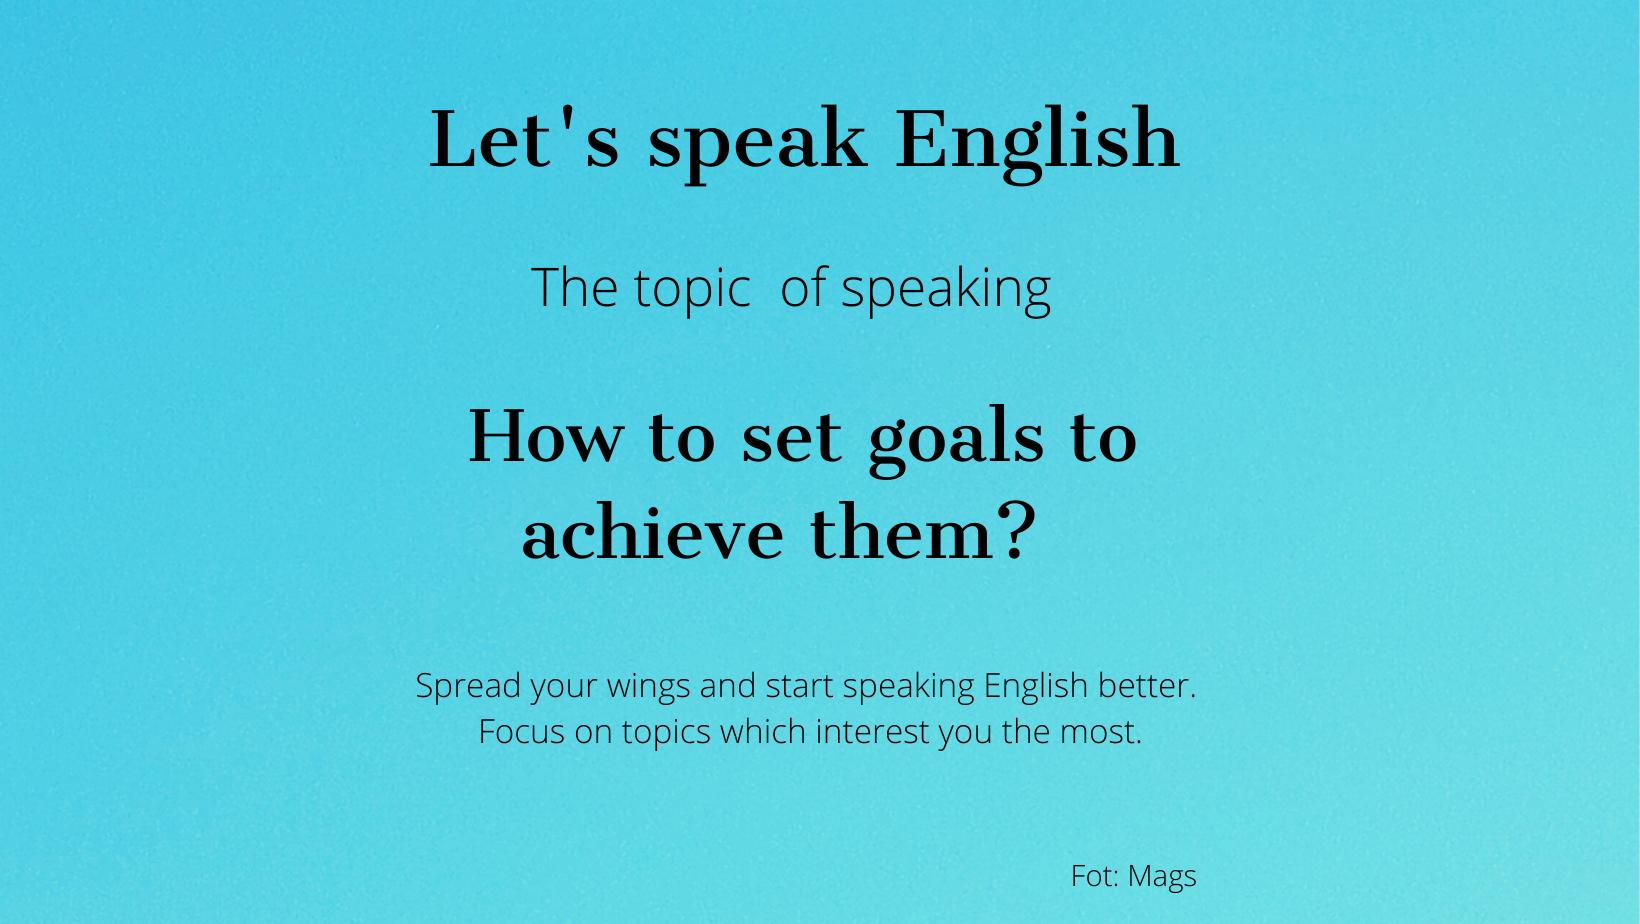 How to set goals?